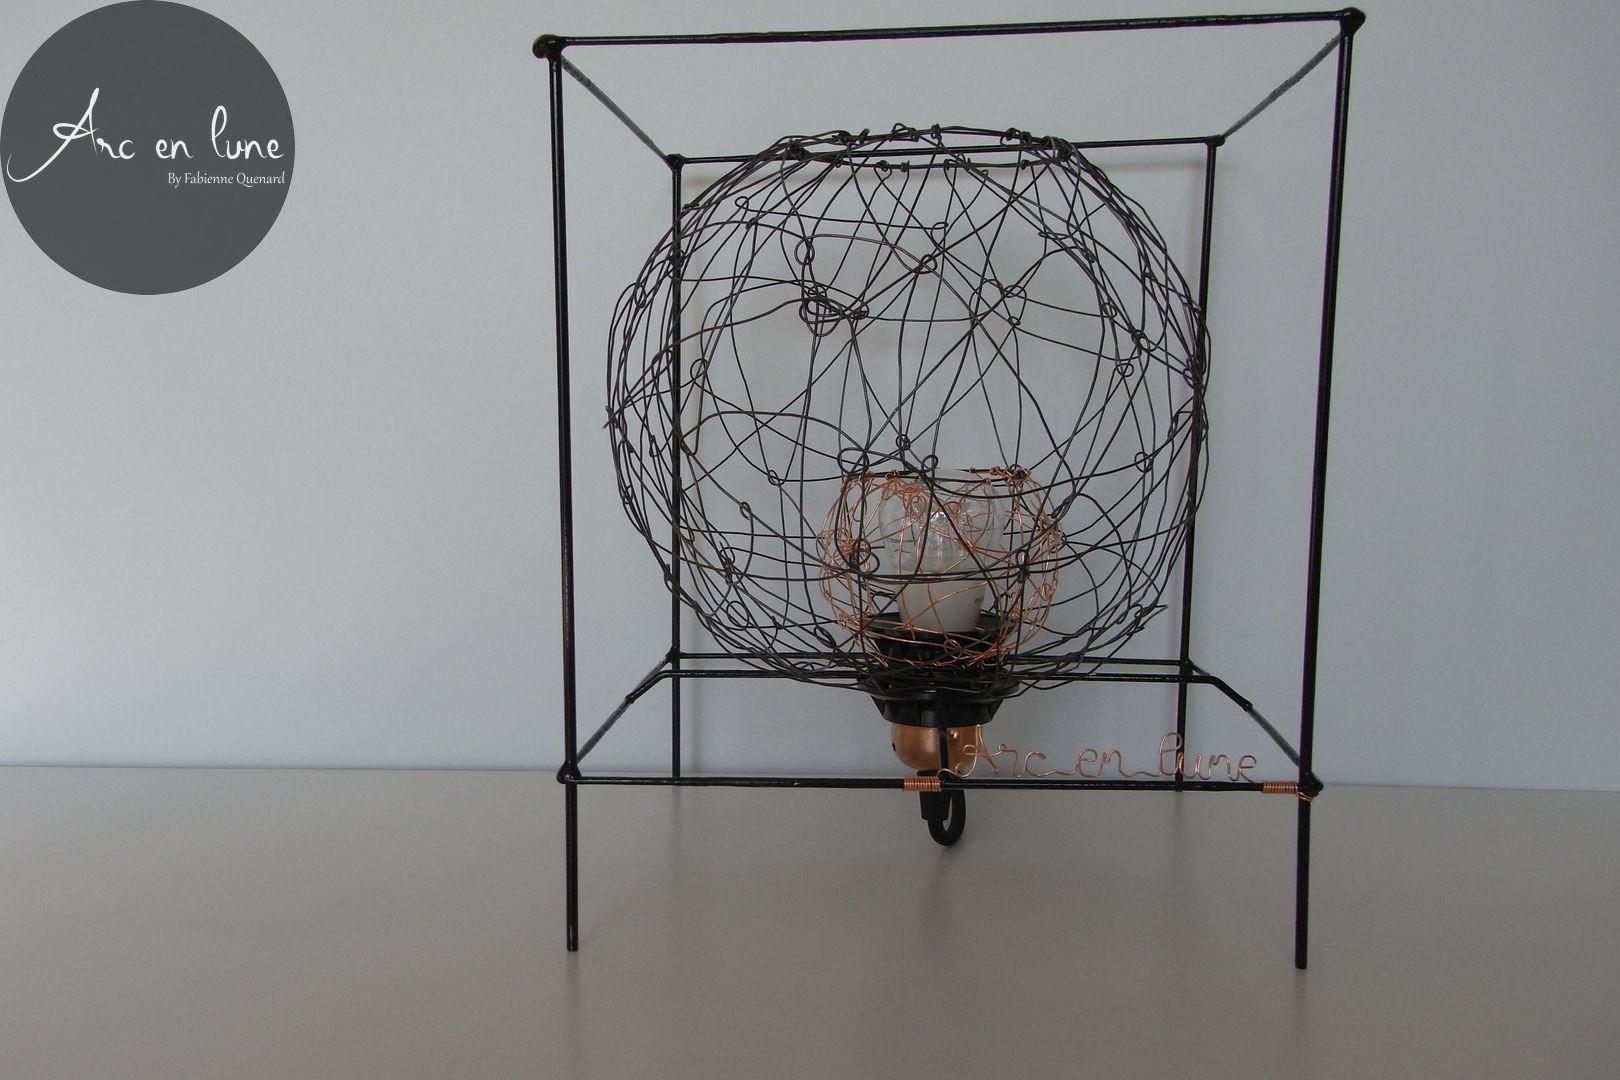 """Lampe à poser """"Bulle en cage"""" de Arc en Lune, fil de fer et cuivre, lampe led 4W, fil alimentation tissu noir et interrupteur"""